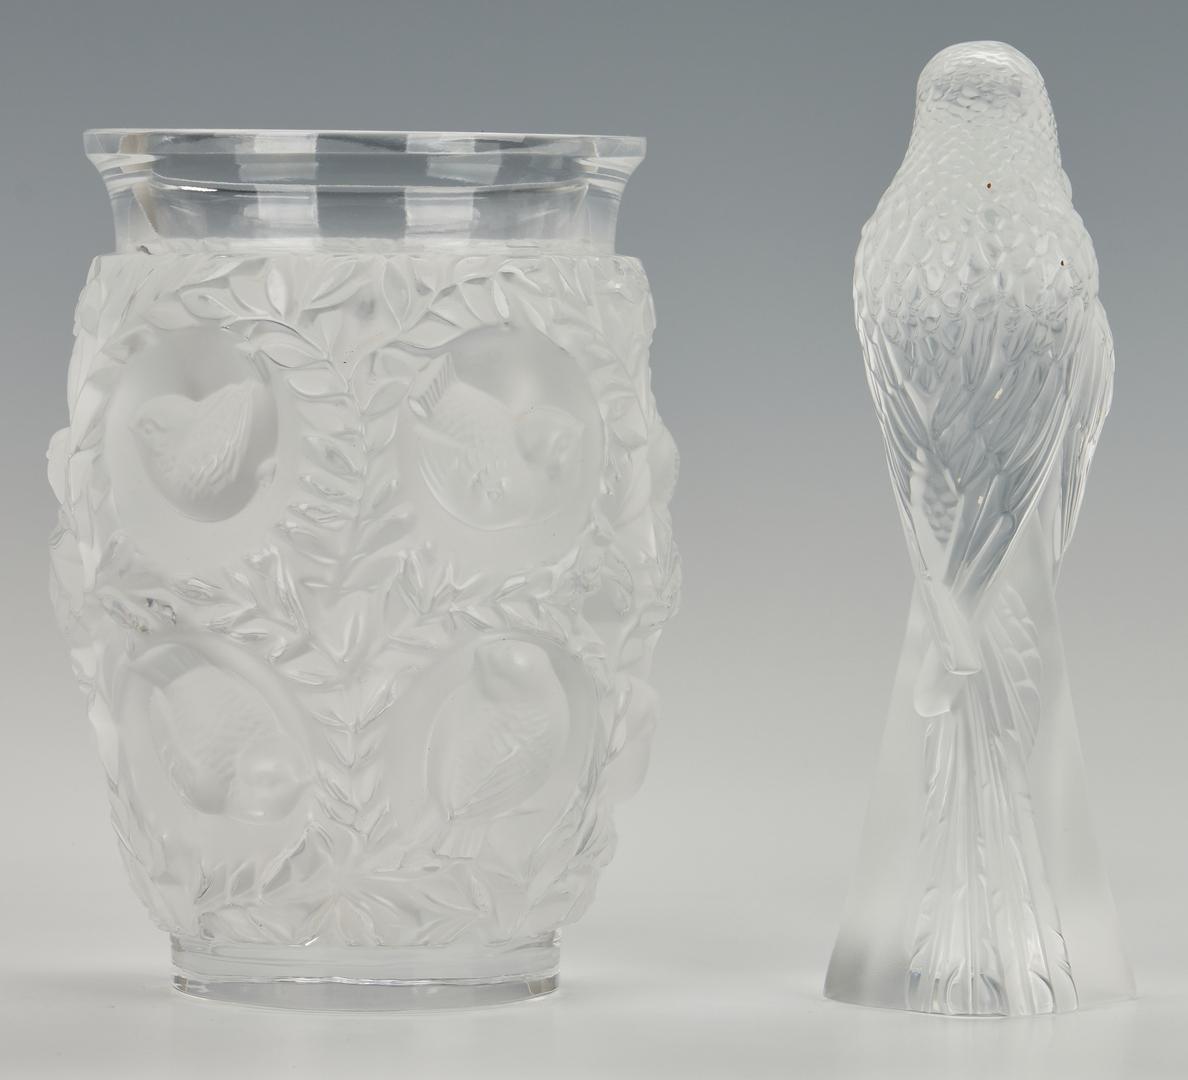 Lot 477: 3 Lalique Nude Figures, Parakeets, & Bagatelle Vase